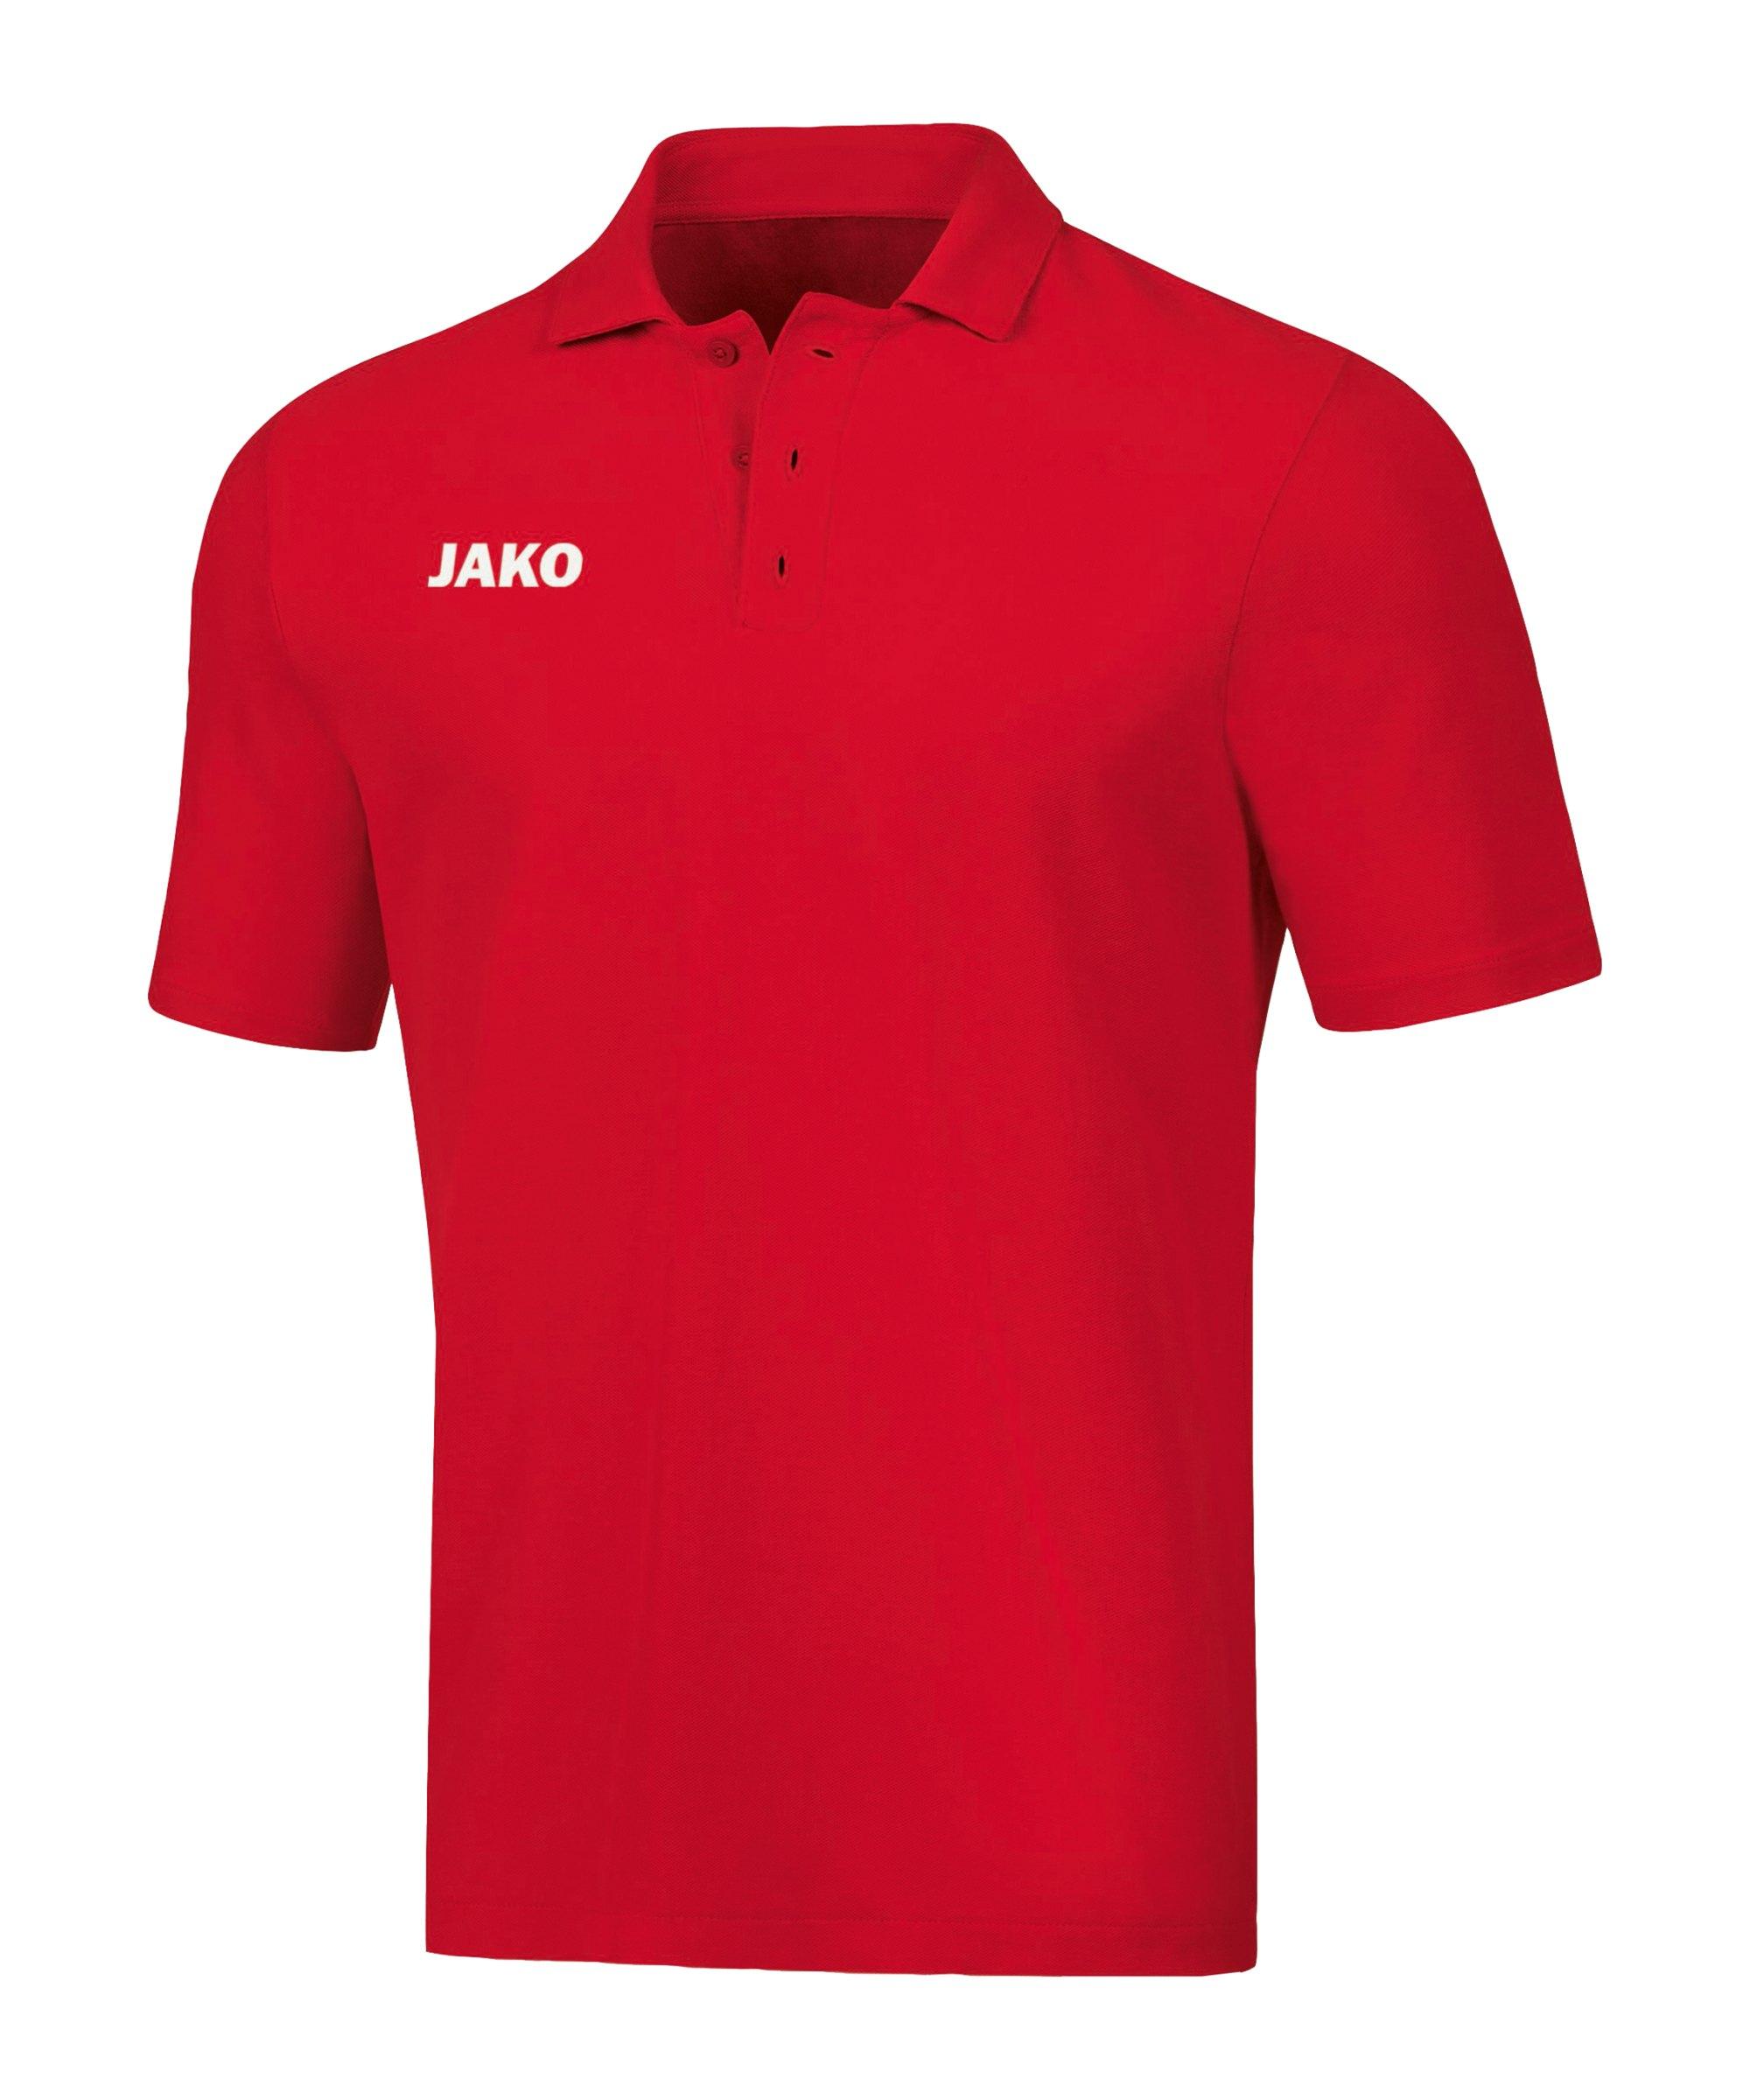 JAKO Base Poloshirt Rot F01 - rot